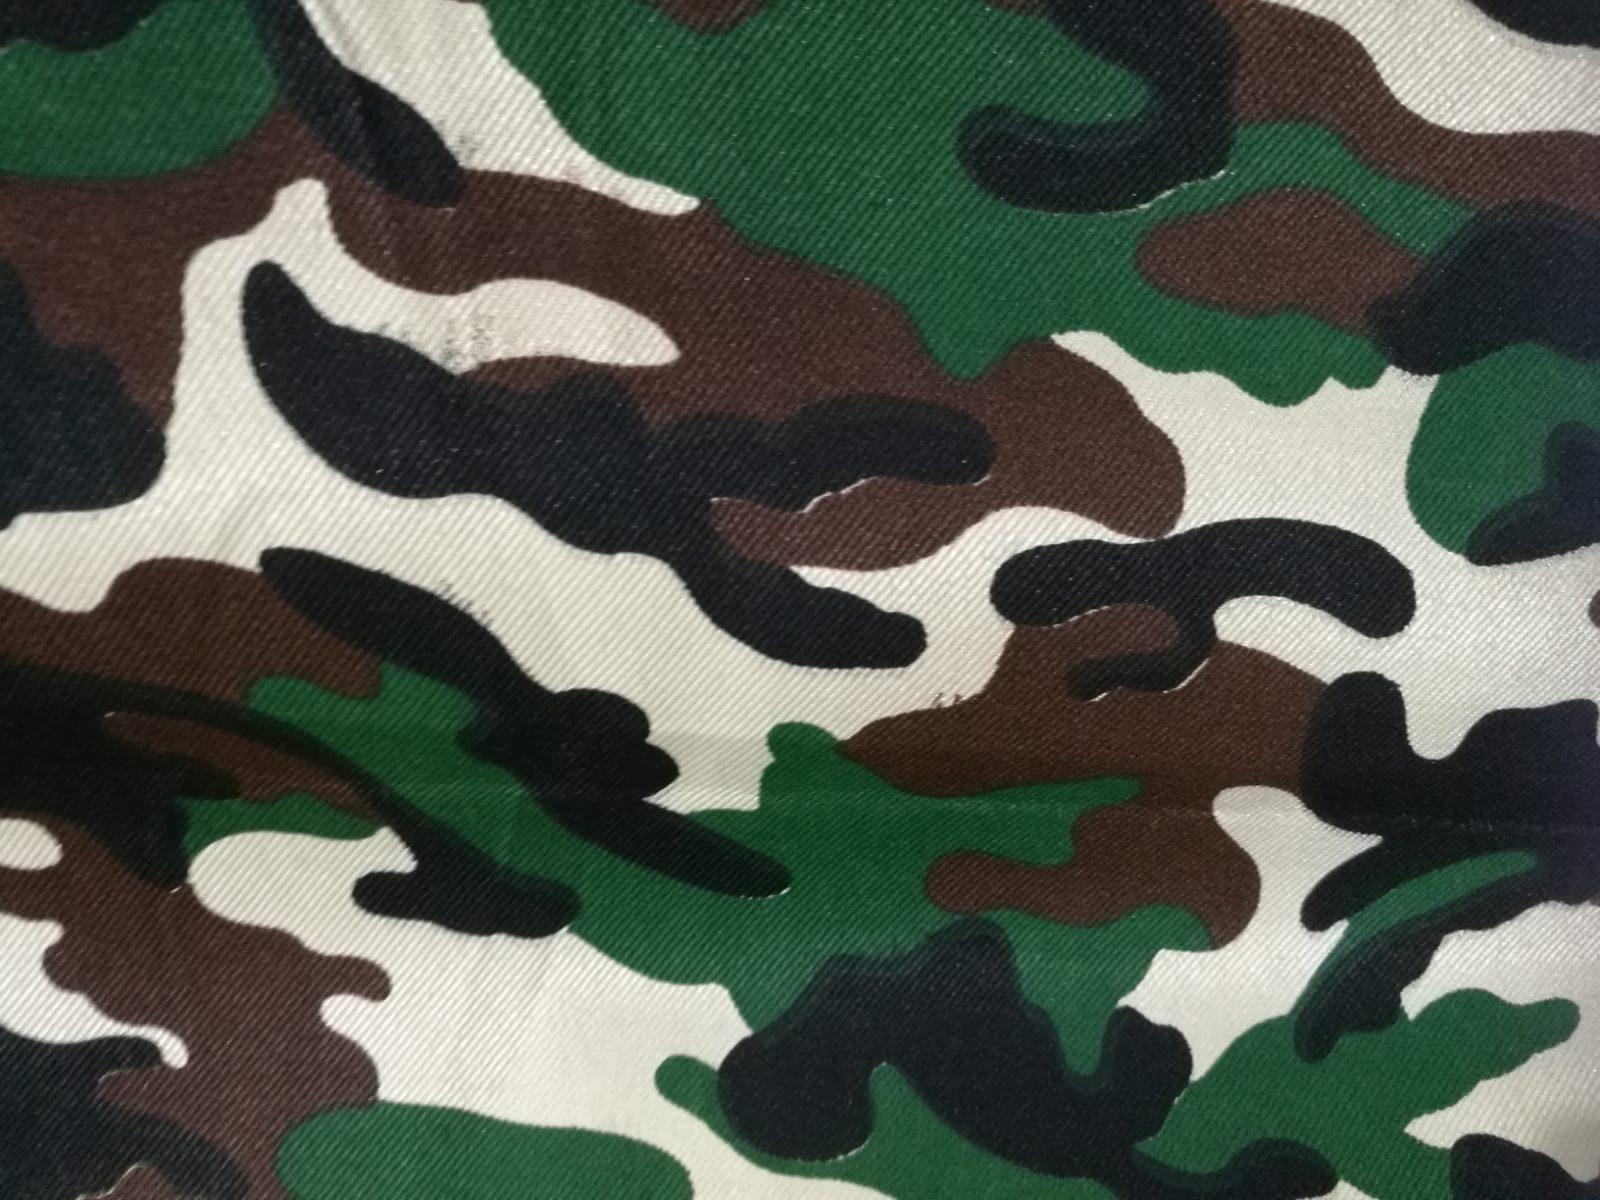 tissu camouflage 2